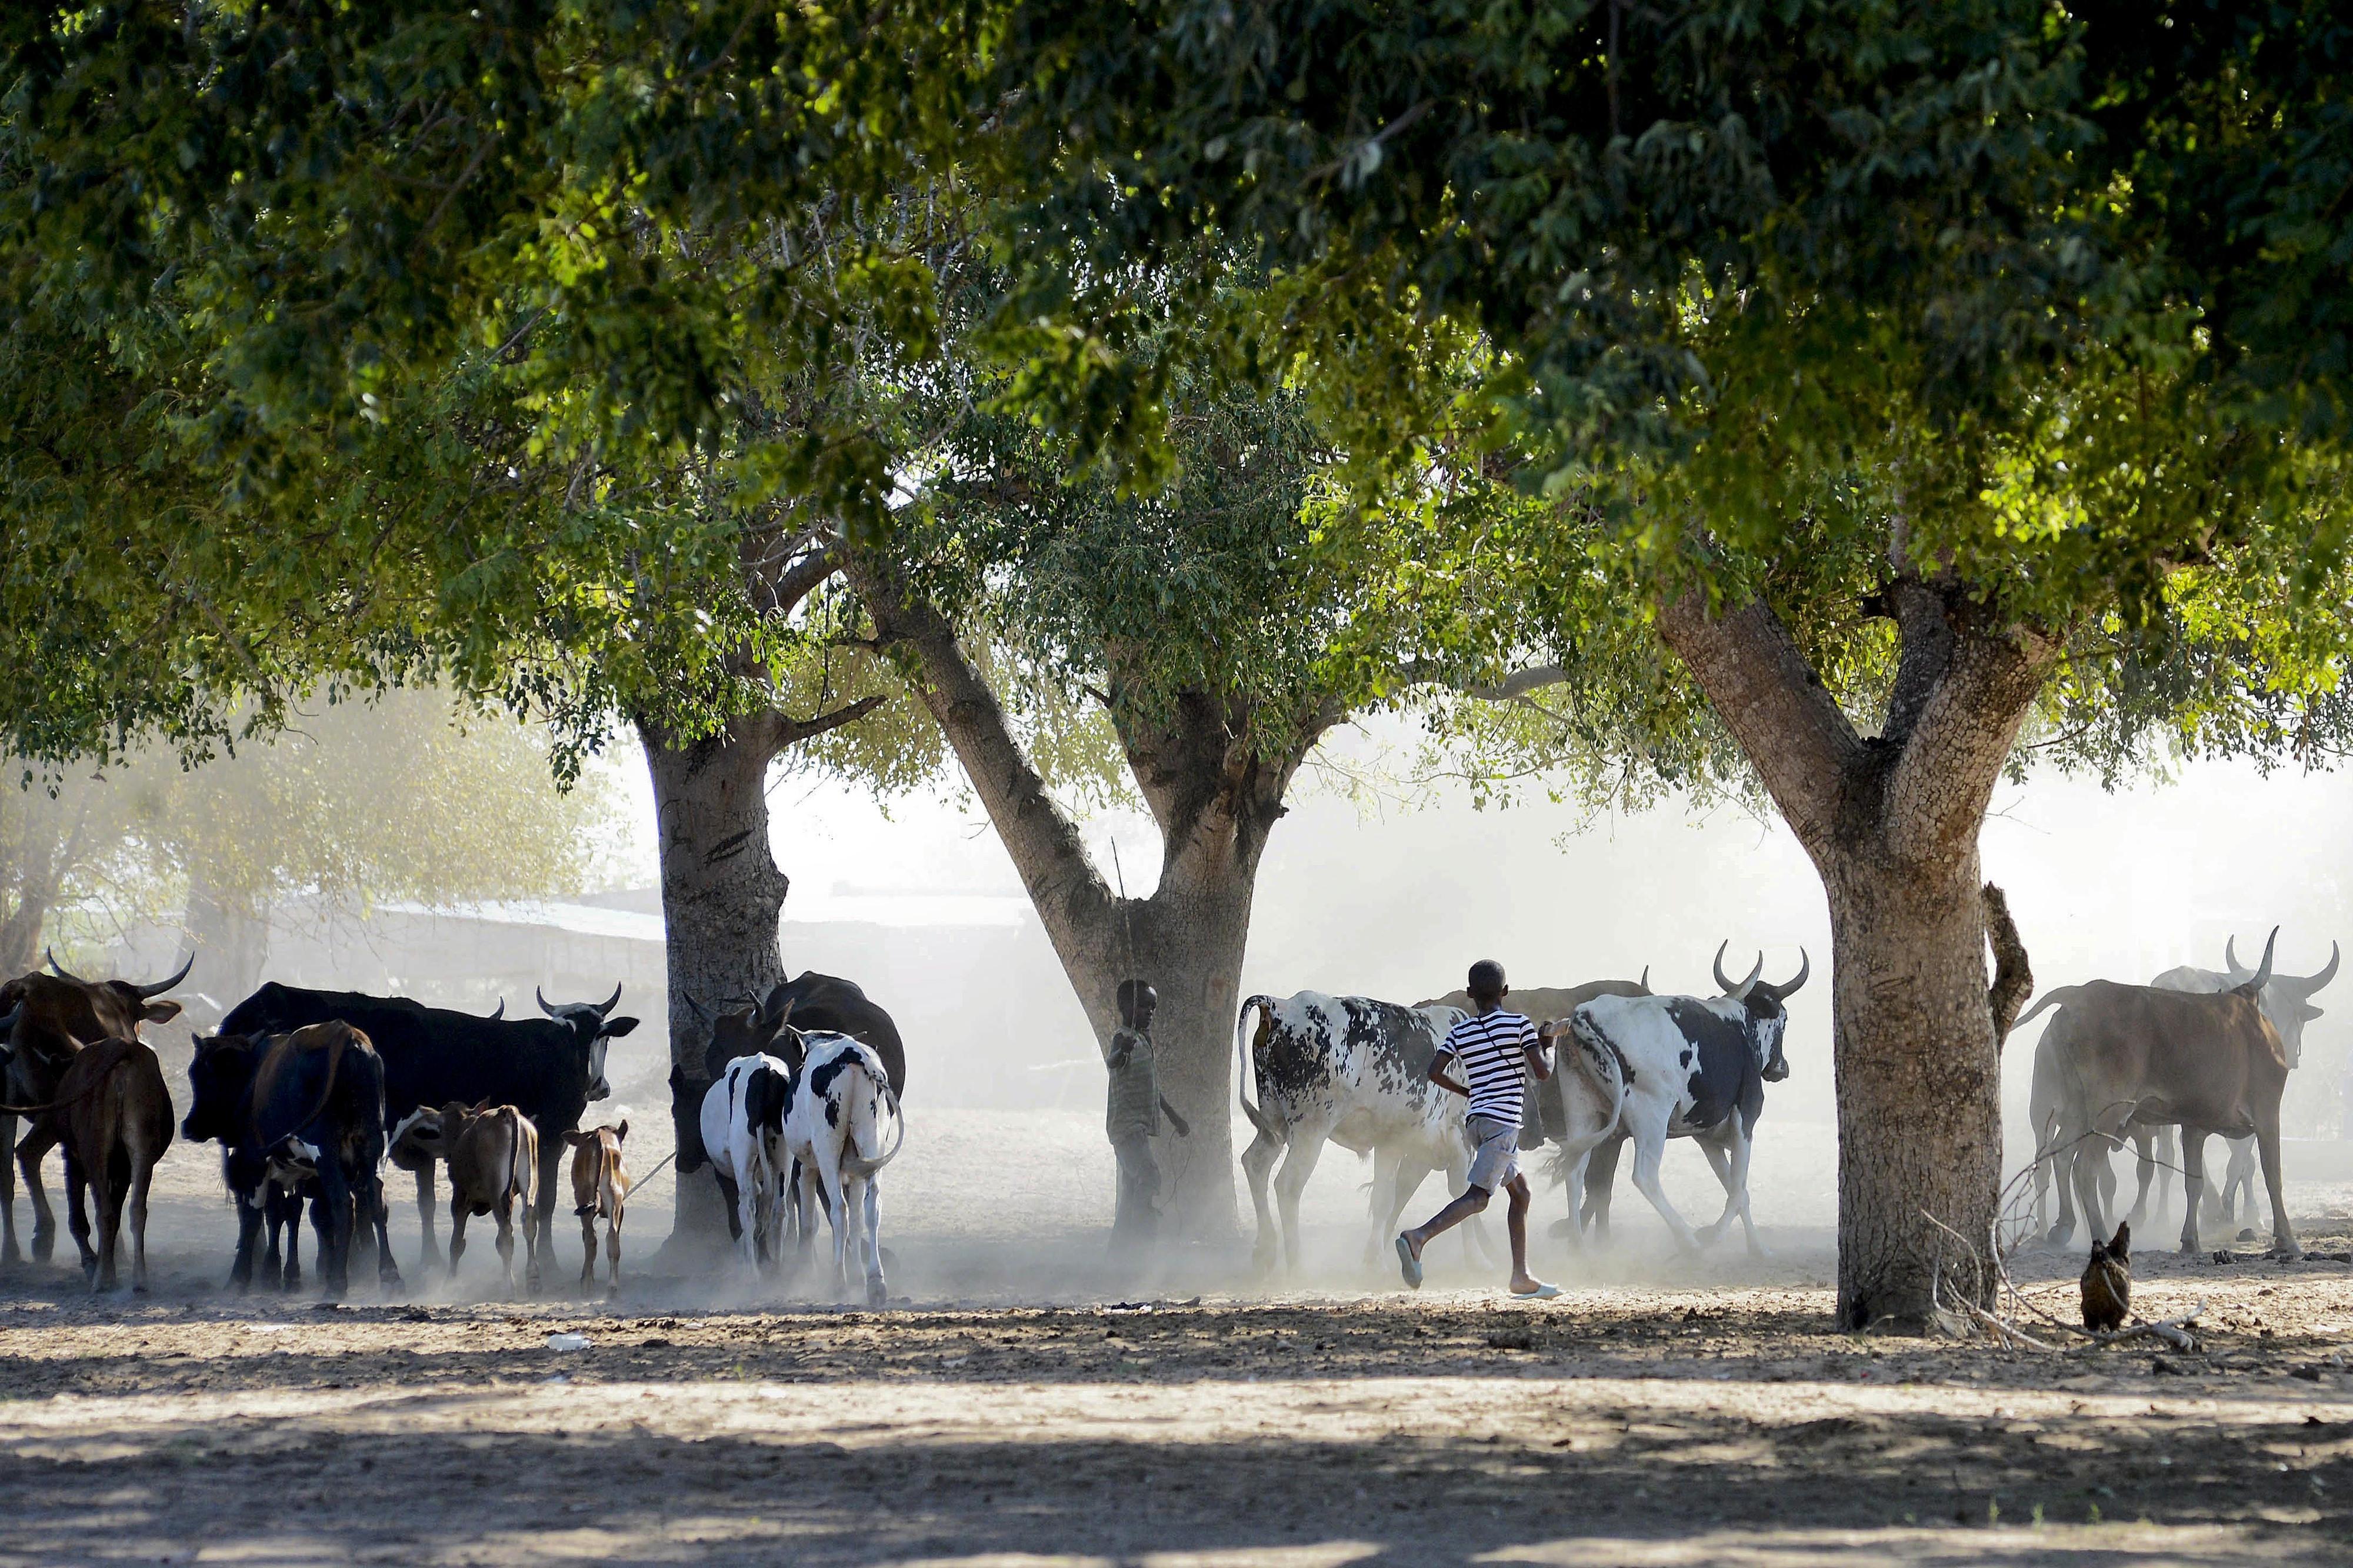 Ministério da Agricultura alerta para propagação da febre aftosa em Moçambique